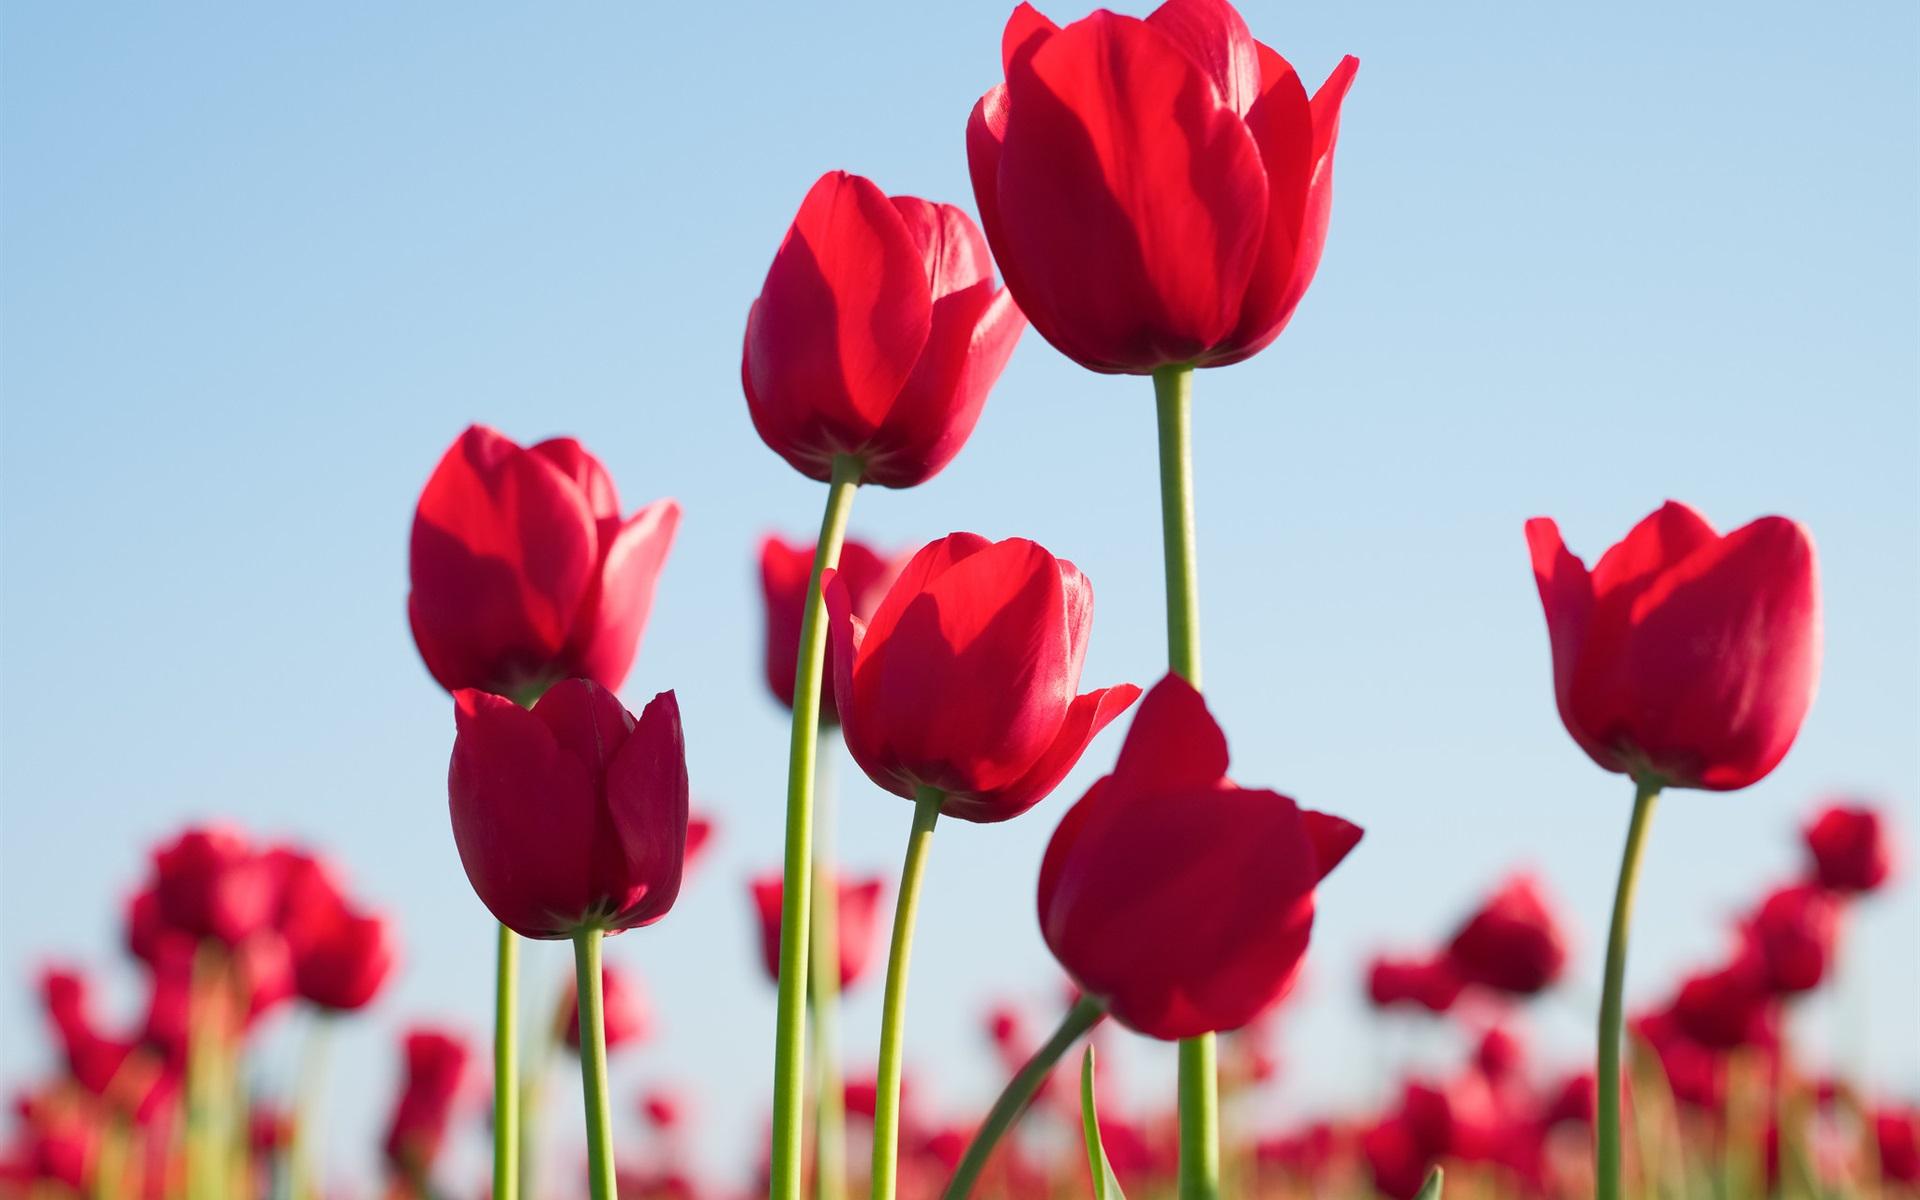 Fondos De Pantalla 1440x900 Tulipas Pascua Fondo De Color: Fondos De Pantalla Tulipanes Rojos, Flores, Cielo